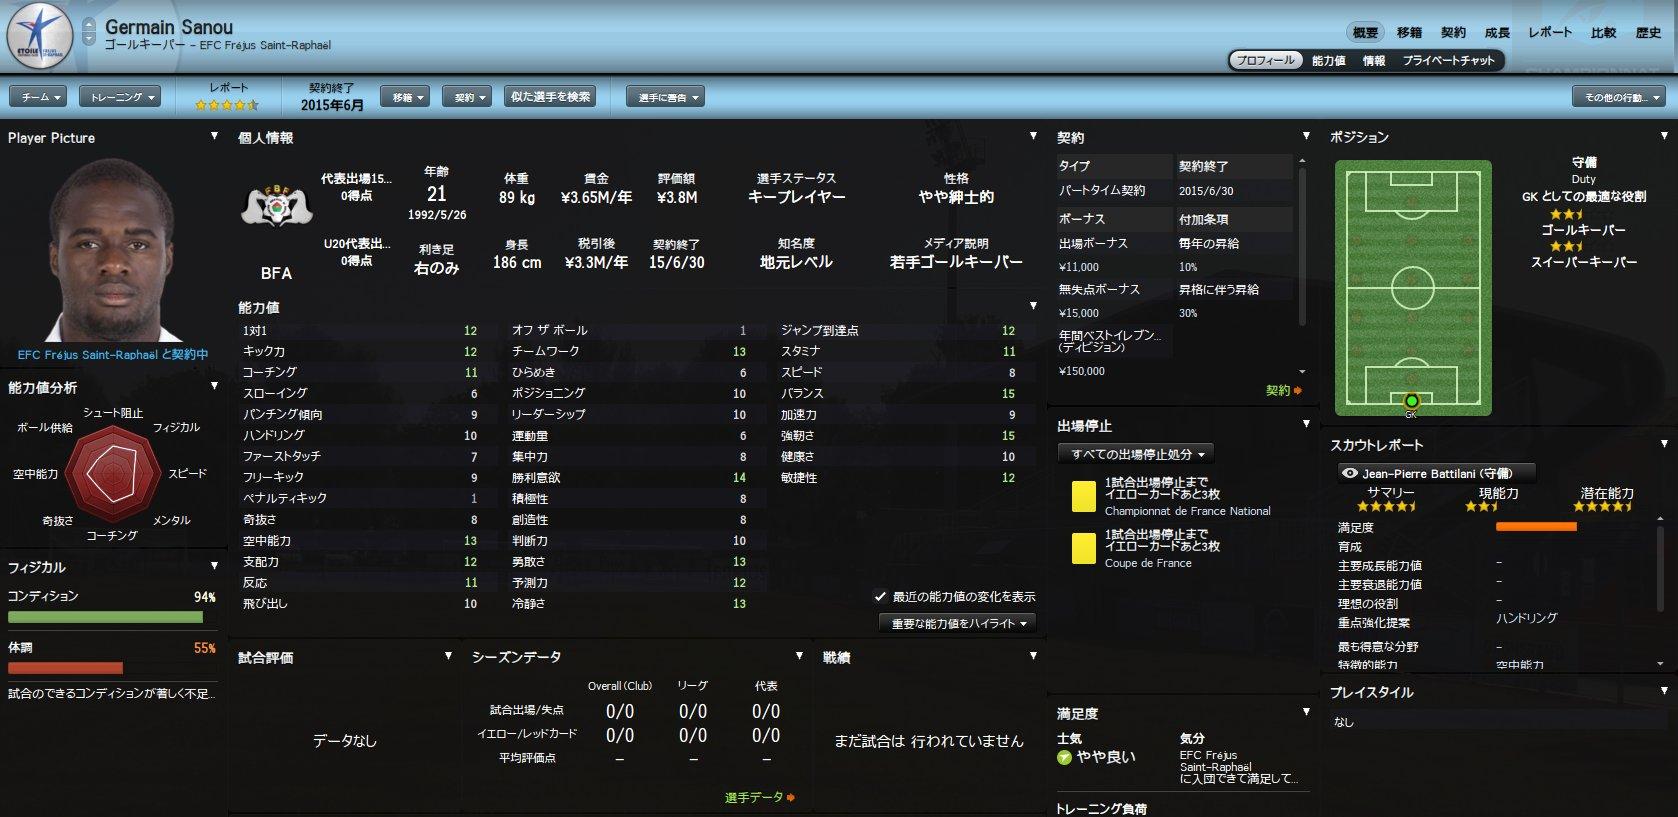 WS002748.jpg